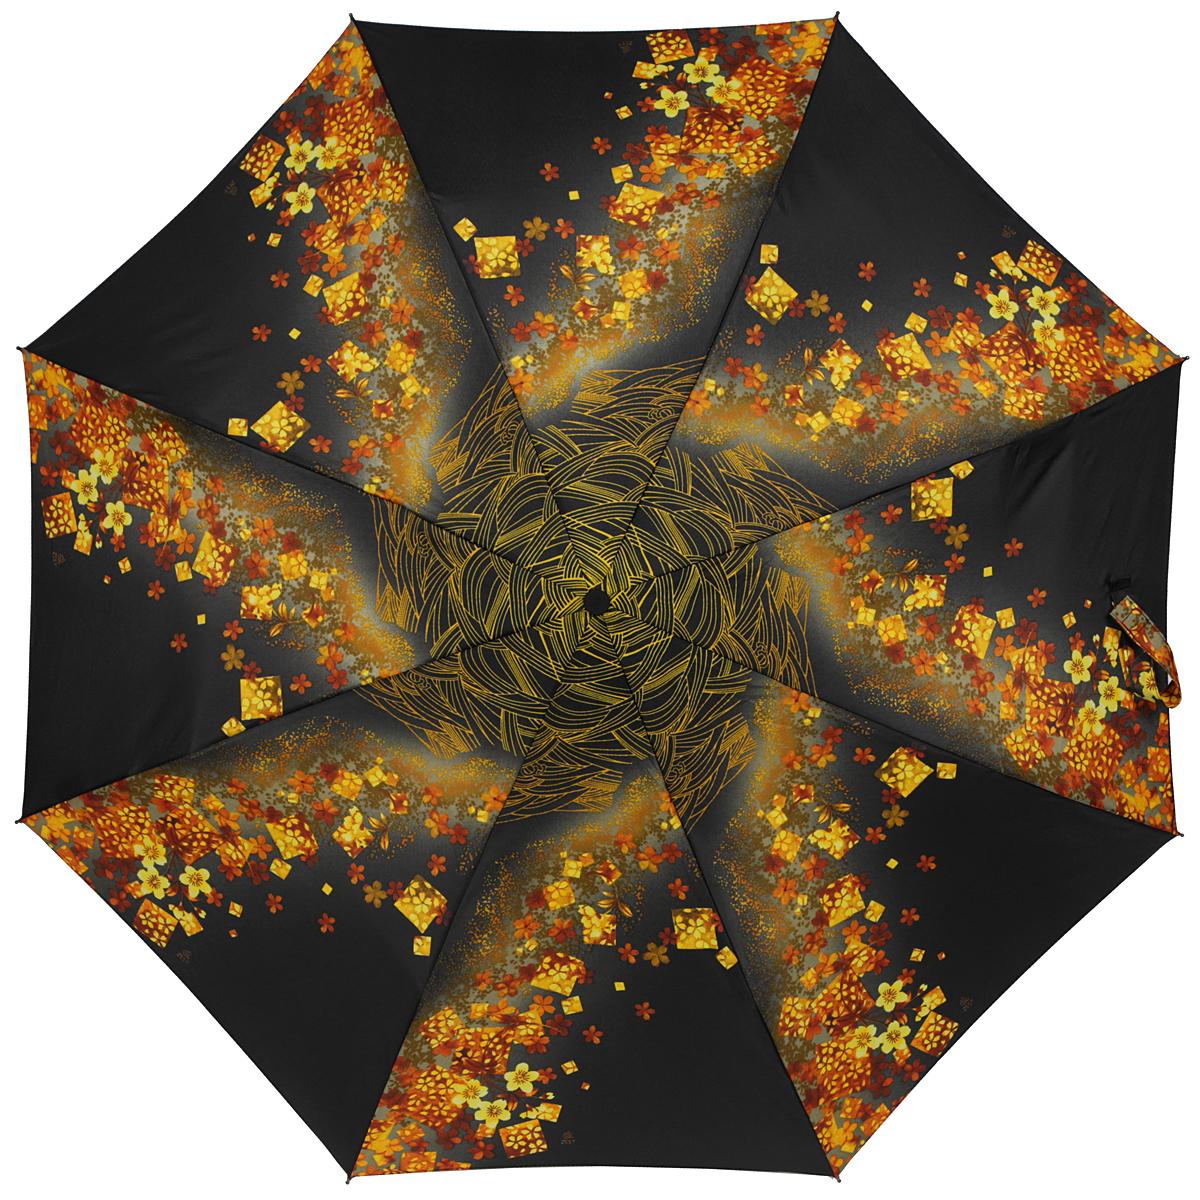 Зонт женский Zest, автомат, 3 сложения, цвет: черный, желто-оранжевый. 23926-905323926-9053Элегантный автоматический зонт Zest в 3 сложения изготовлен из высокопрочных материалов. Каркас зонта состоит из 8 спиц и прочного алюминиевого стержня. Специальная система Windproof защищает его от поломок во время сильных порывов ветра. Купол зонта выполнен из прочного полиэстера с водоотталкивающей пропиткой и оформлен оригинальным цветочным принтом. Используемые высококачественные красители обеспечивают длительное сохранение свойств ткани купола. Рукоятка, разработанная с учетом требований эргономики, выполнена из пластика. Зонт имеет полный автоматический механизм сложения: купол открывается и закрывается нажатием кнопки на рукоятке, стержень складывается вручную до характерного щелчка. Благодаря этому открыть и закрыть зонт можно одной рукой, что чрезвычайно удобно при входе в транспорт или помещение. Небольшой шнурок, расположенный на рукоятке, позволяет надеть изделие на руку при необходимости. Модель закрывается при помощи хлястика на застежку-липучку. К зонту...